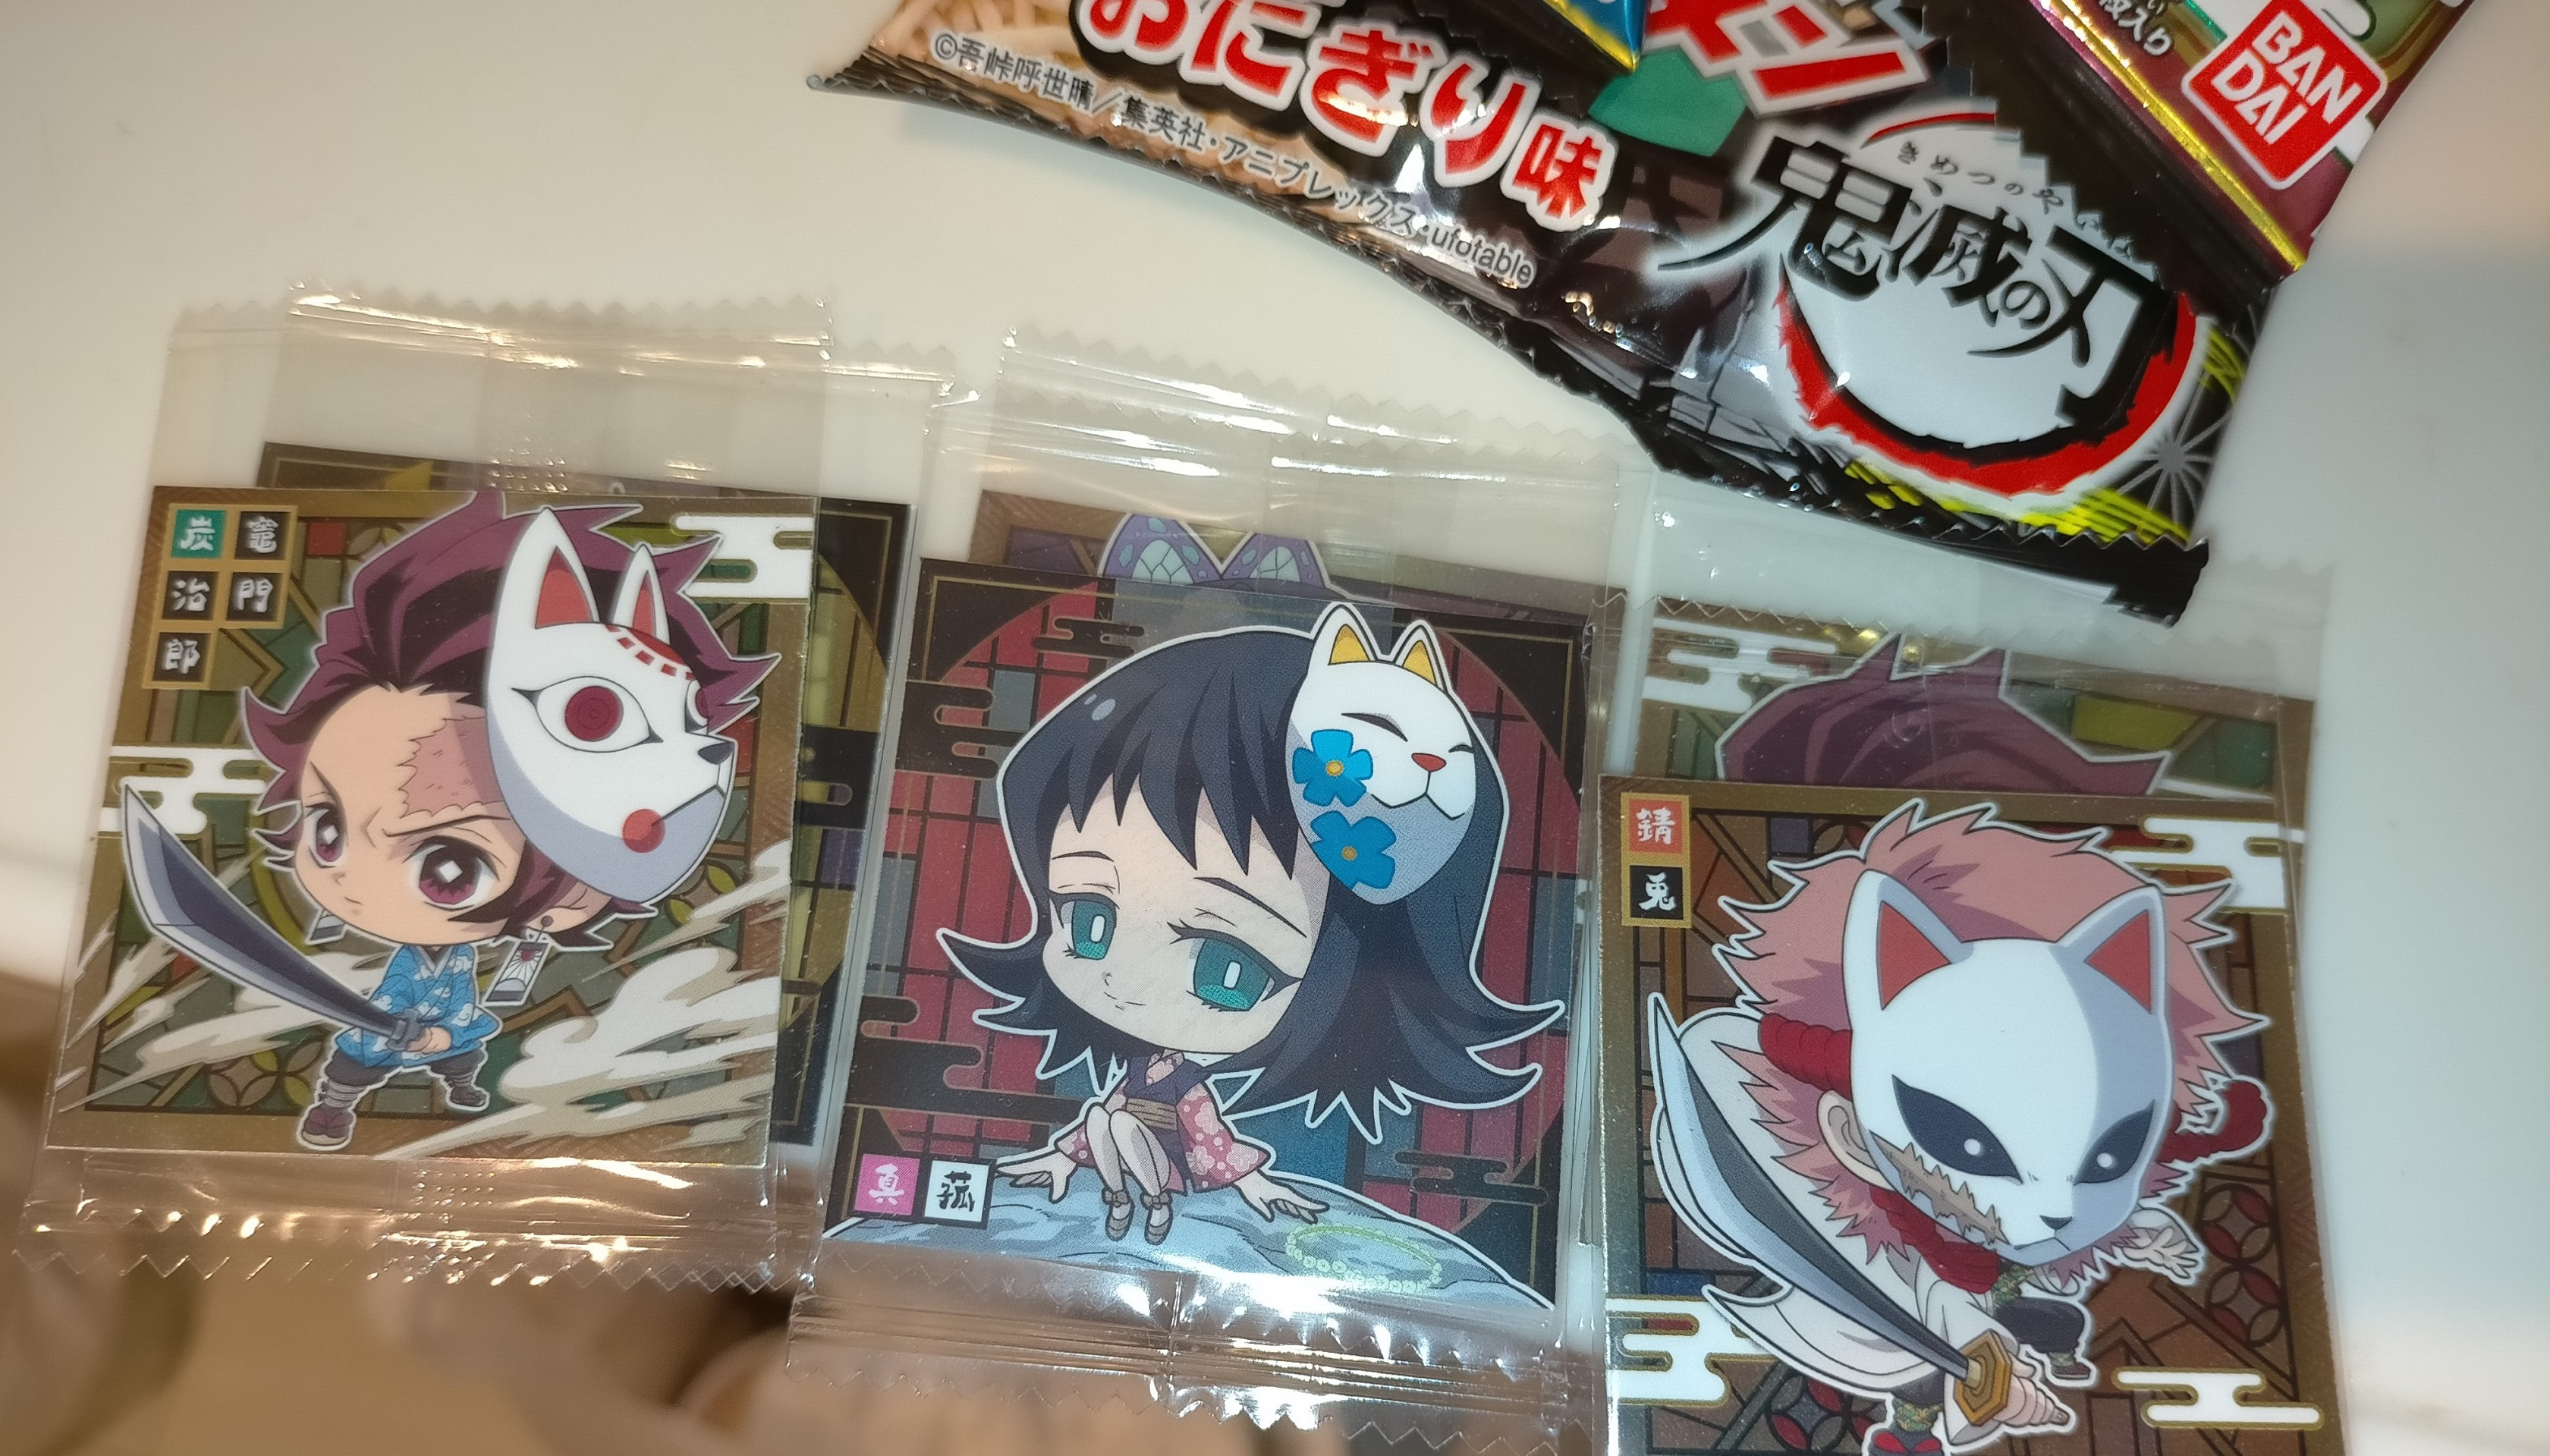 kimetsu_yaiba_uehasu_0809_steckers_2.jpg